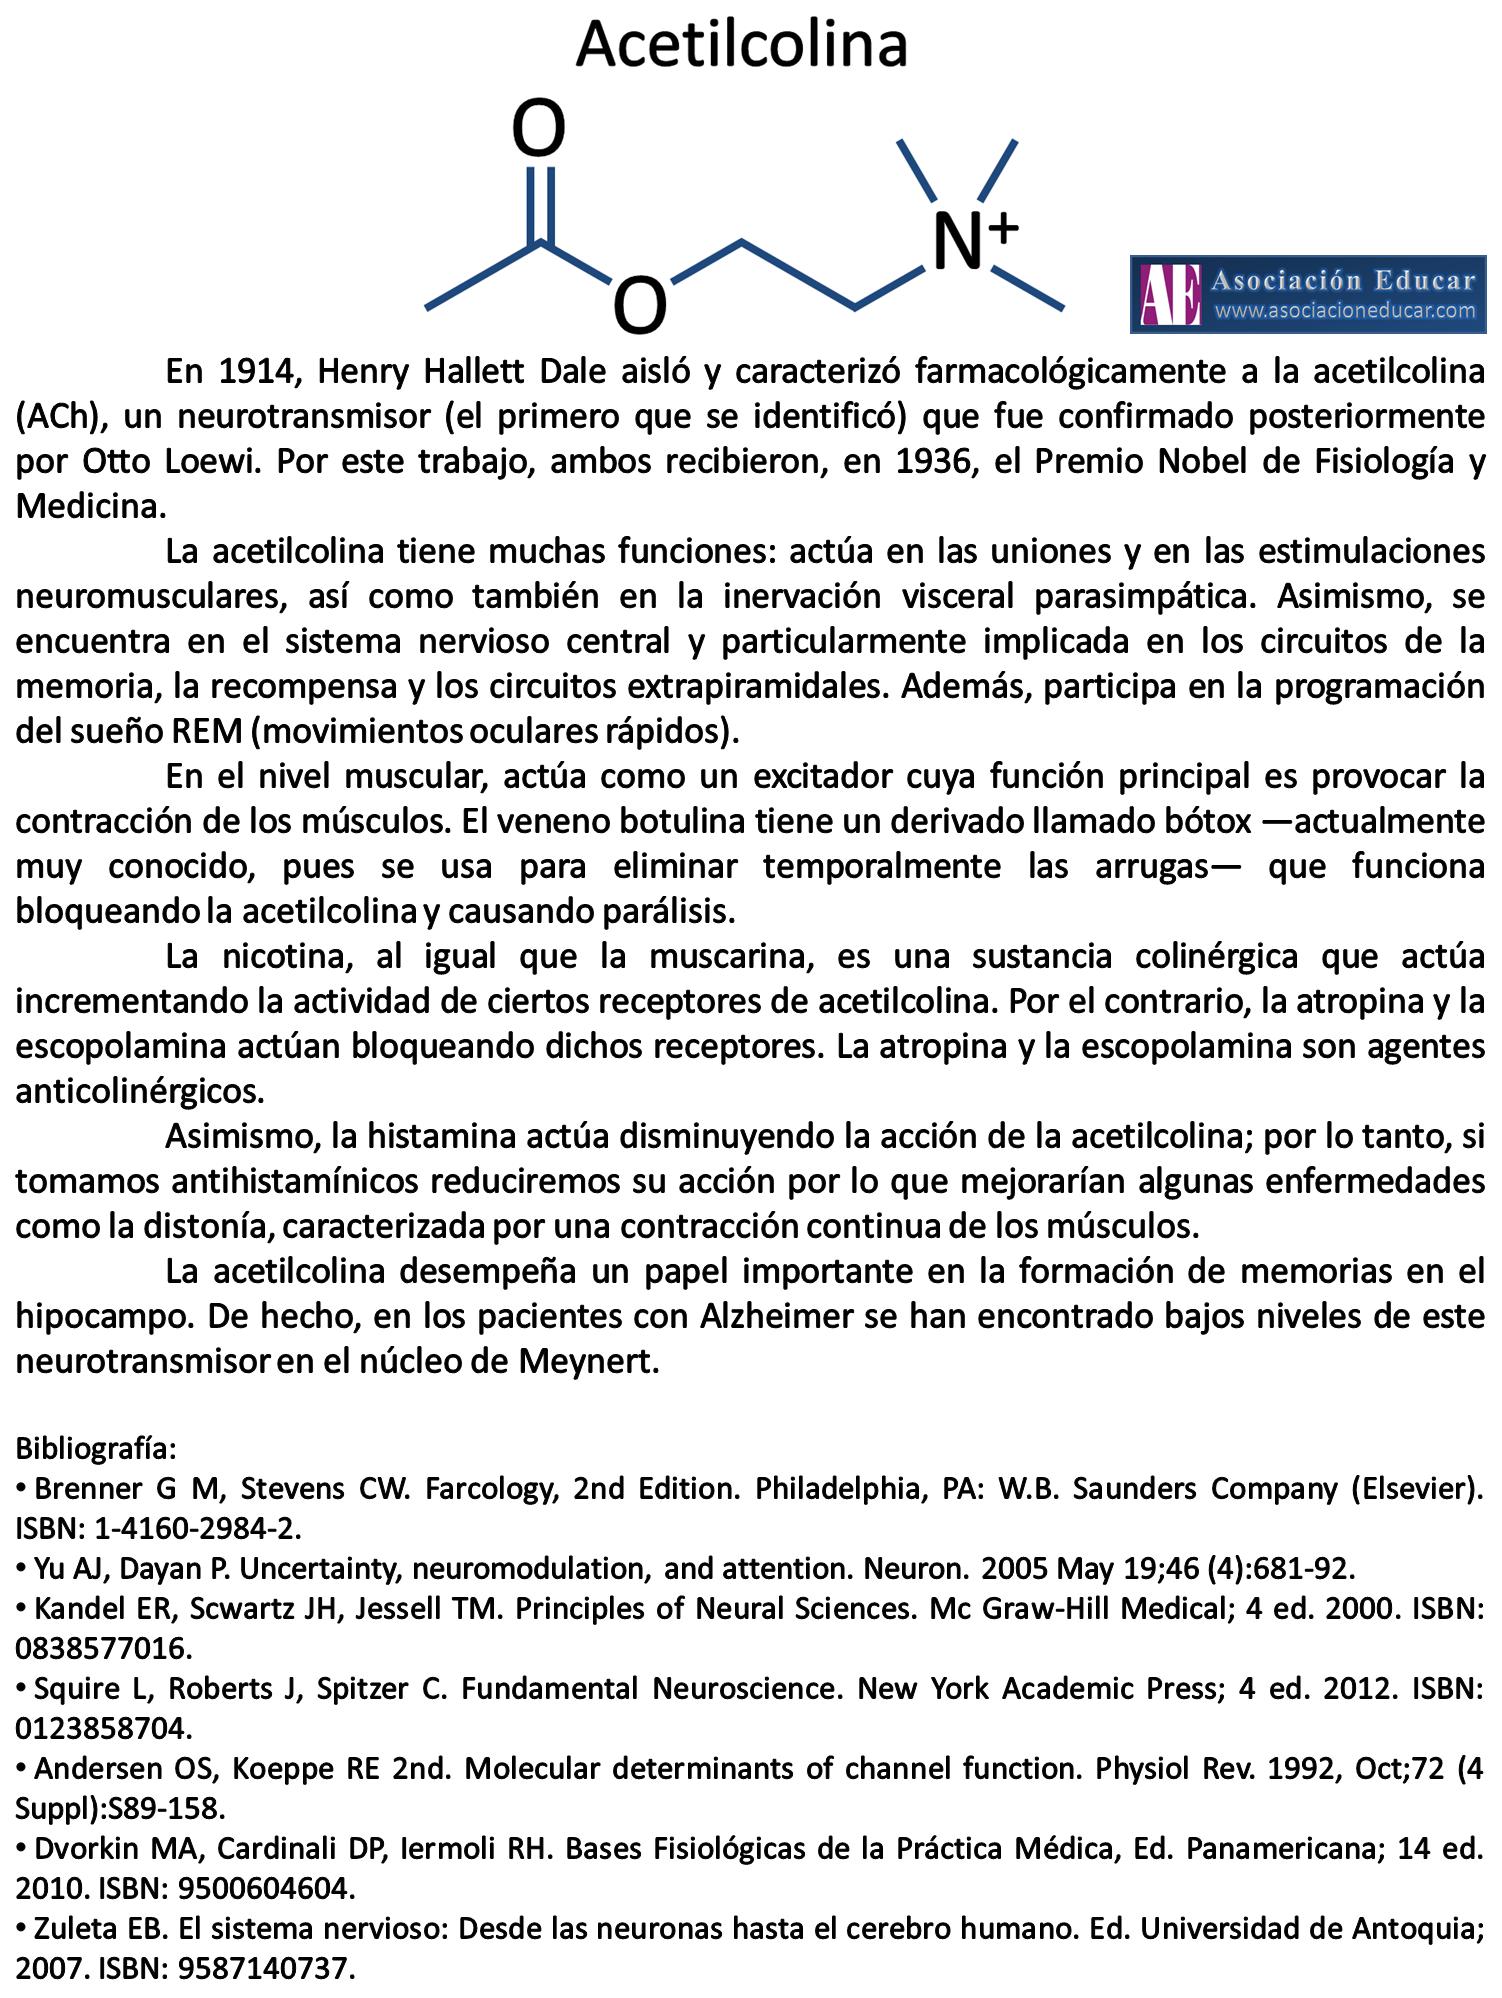 Infografía neurociencias: Acetilcolina (ACh) | Asociación Educar ...